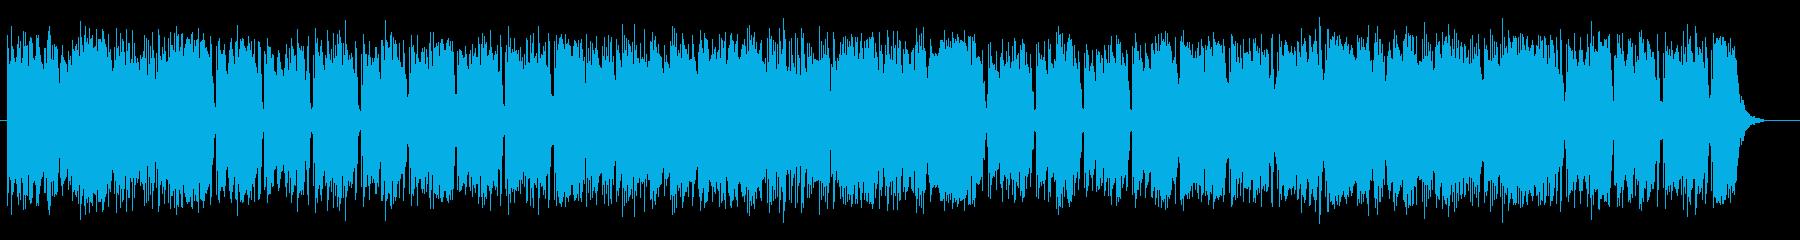 明るく軽快で弾みのあるシンセサイザー曲の再生済みの波形